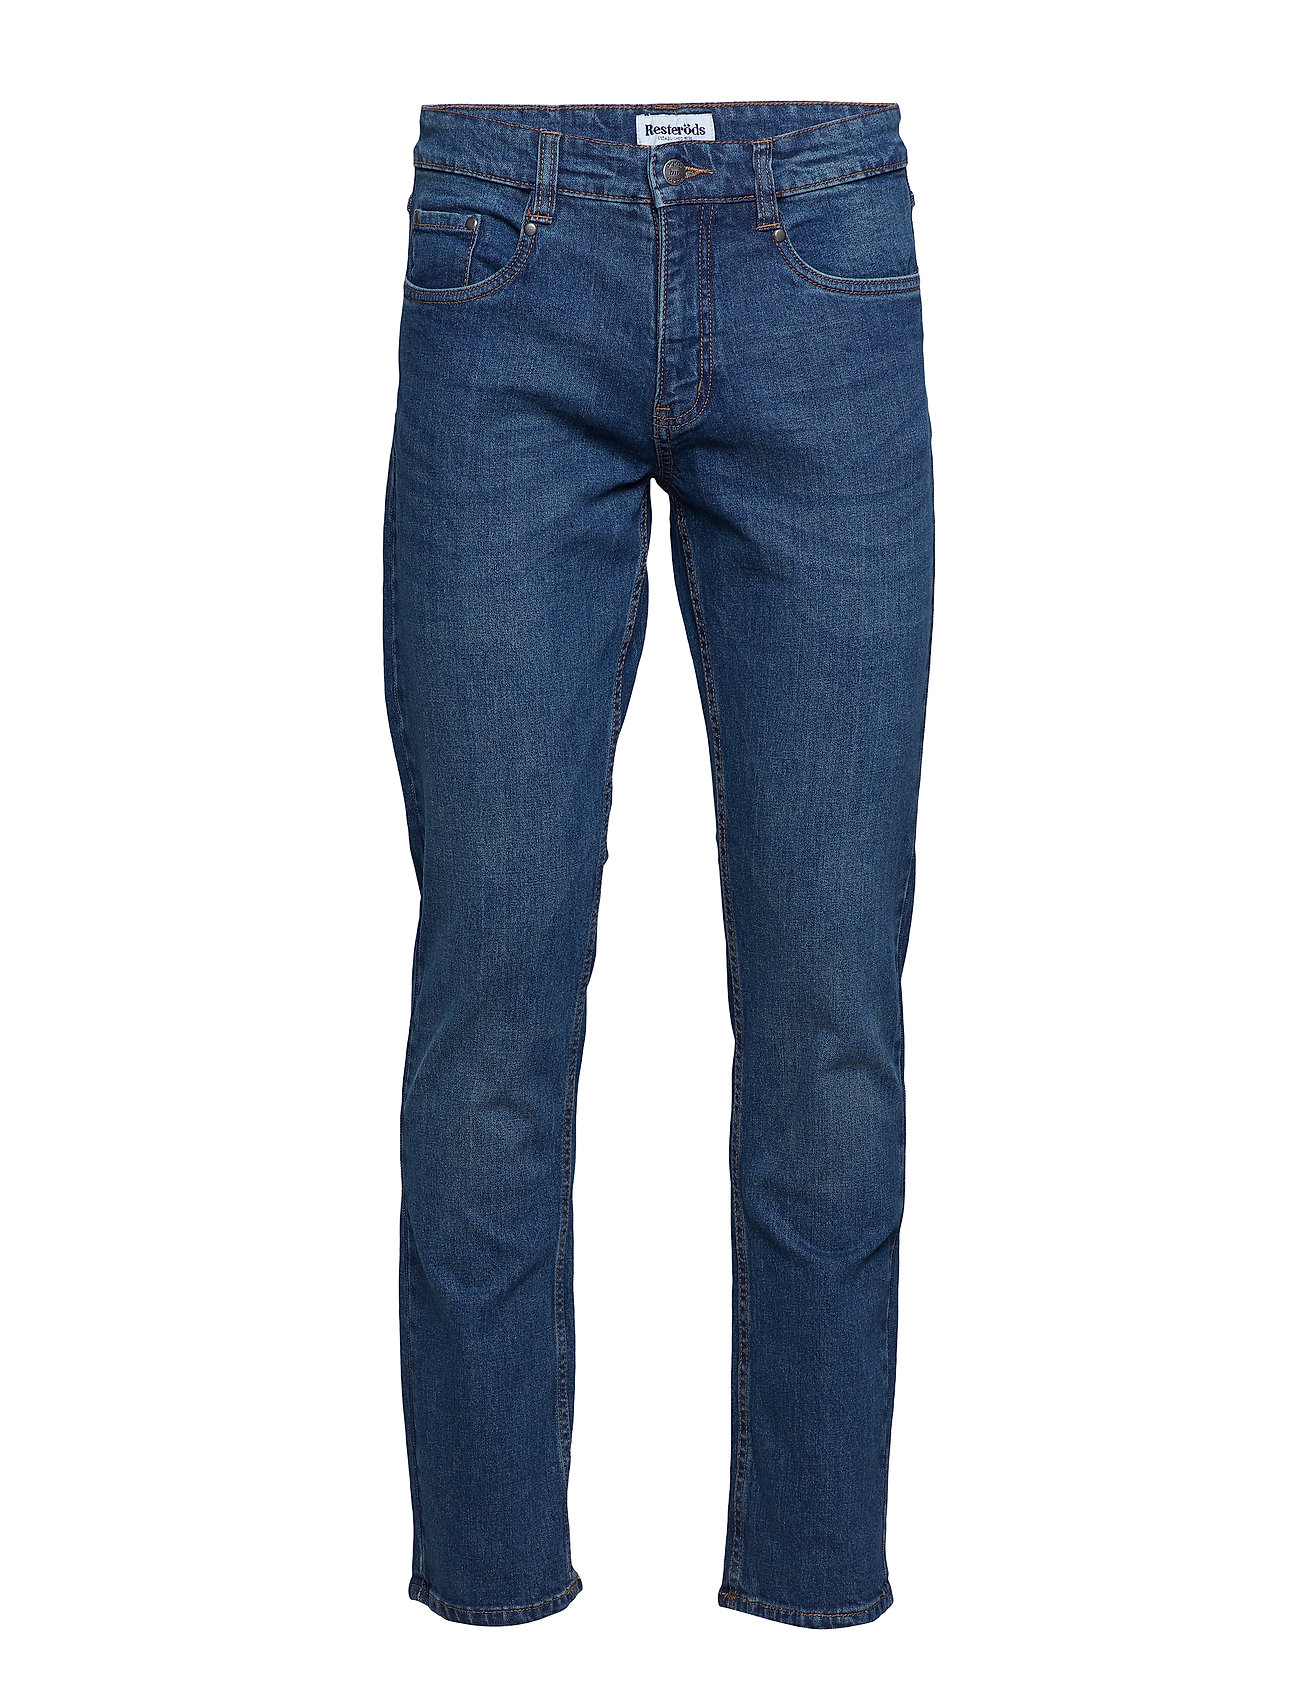 Resteröds Original Jeans